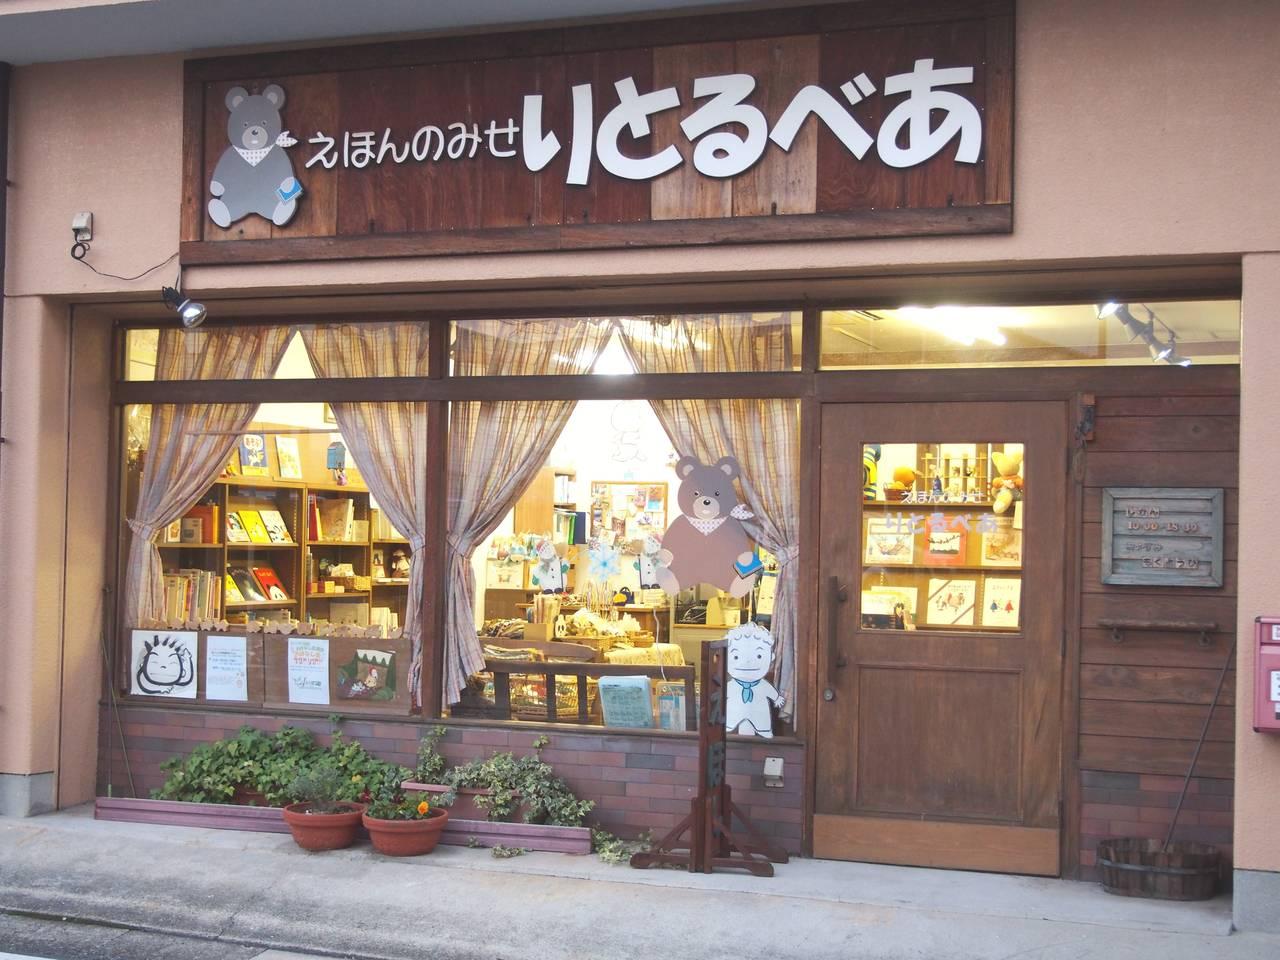 【名古屋】おはなし会などのイベントも充実!地域密着型の絵本屋さん